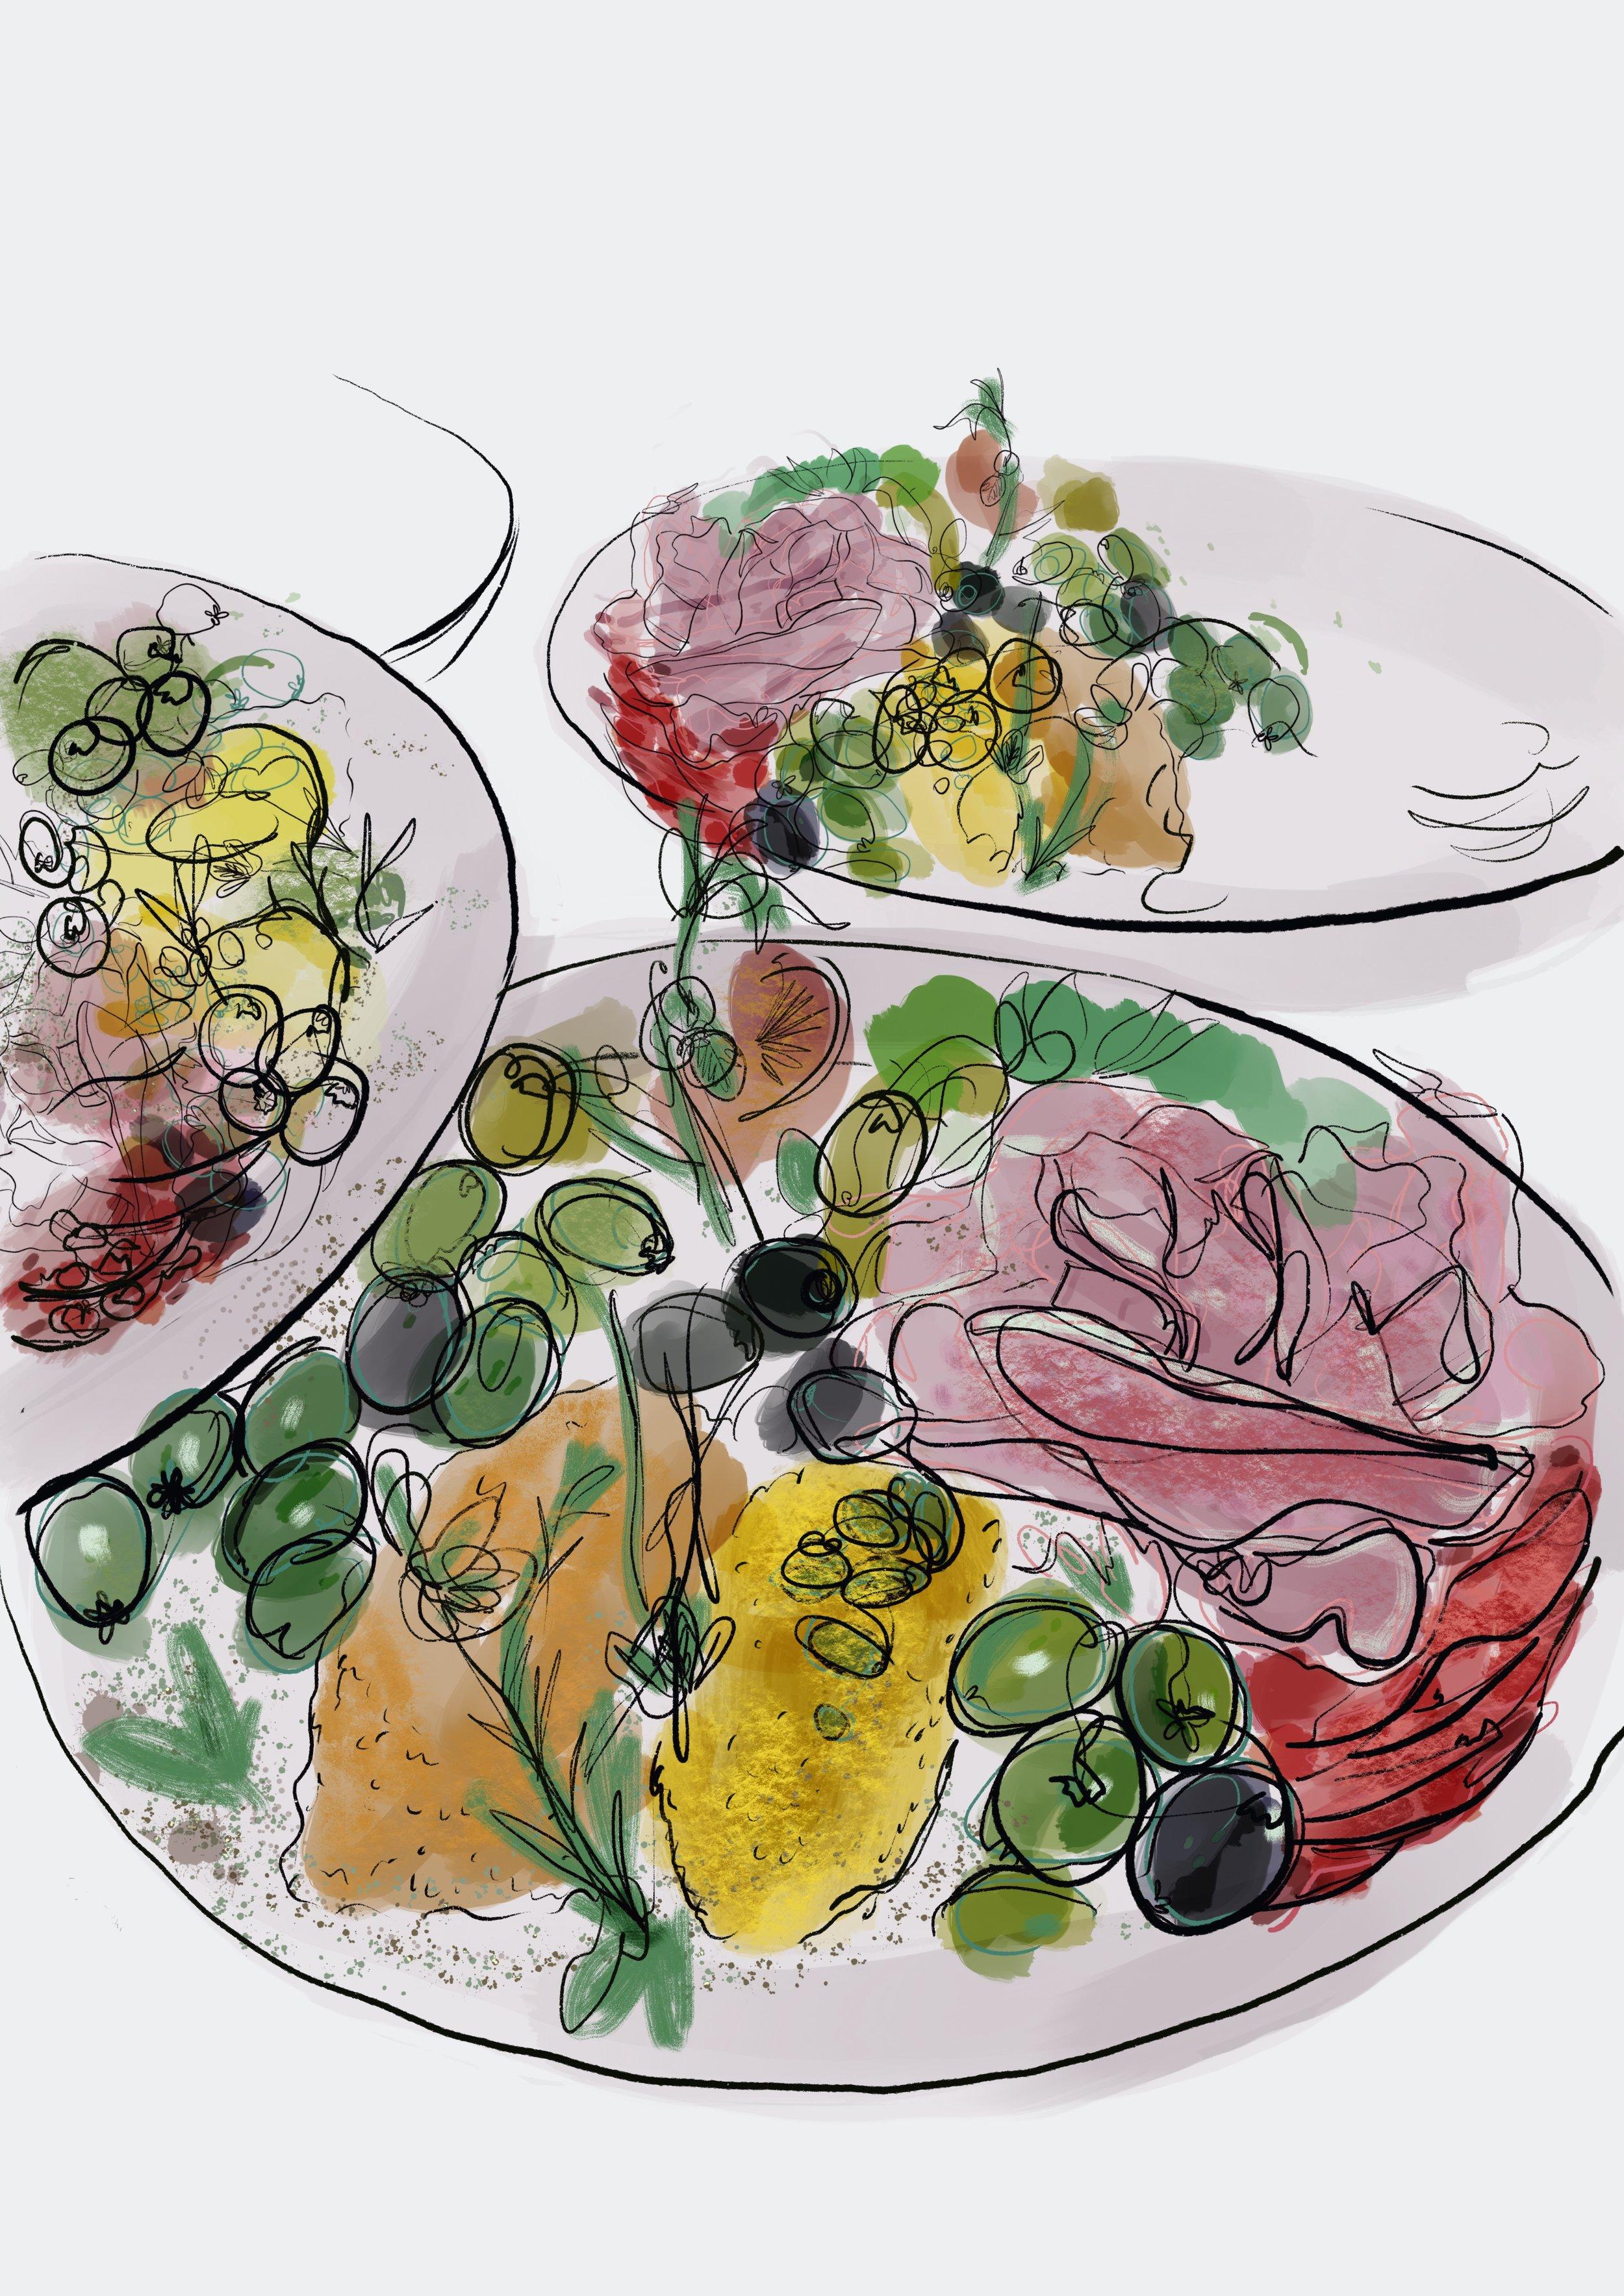 buffet lydia bourhill.jpg